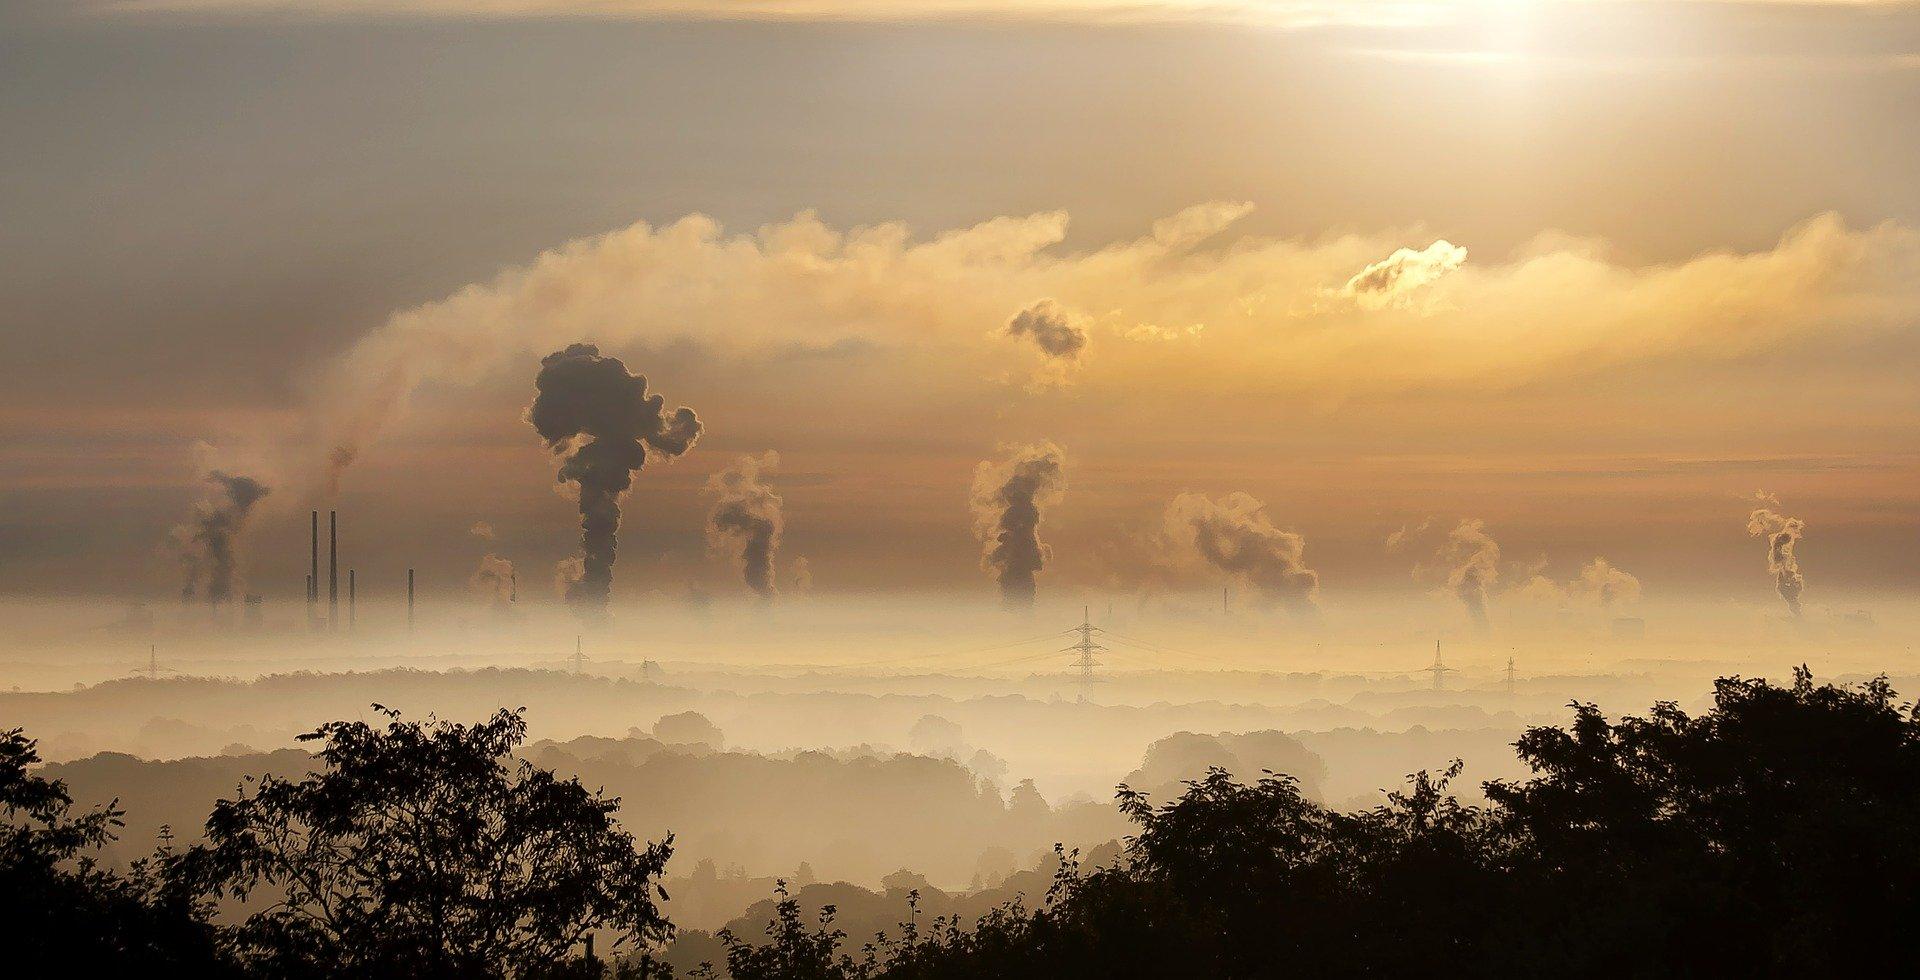 reciclaje y contaminación